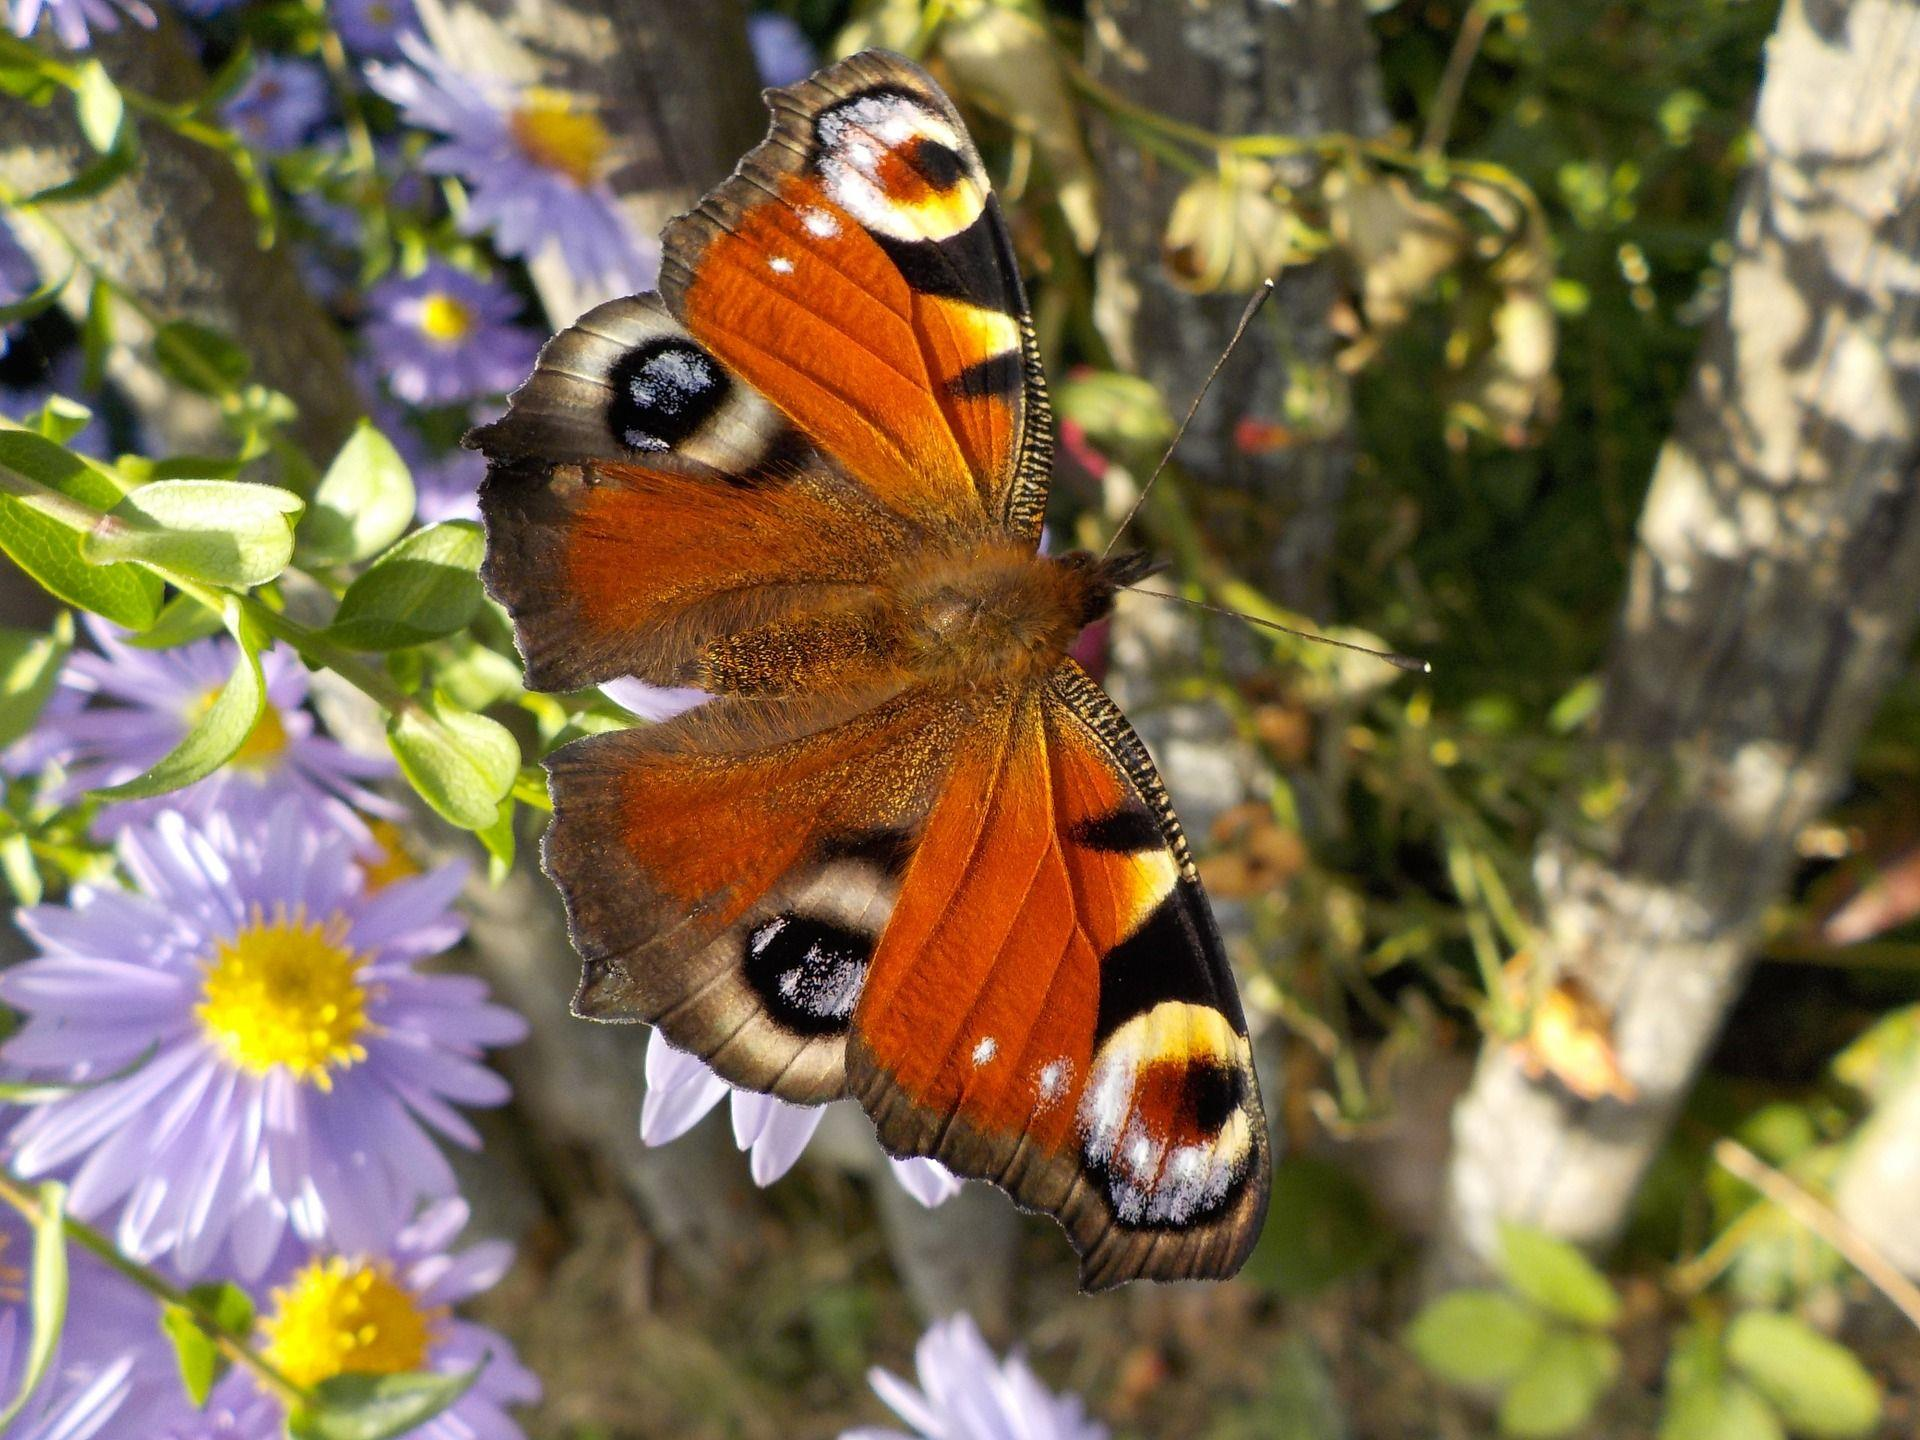 Das Pfauenauge ist einer der bekanntesten heimischen Schmetterlinge